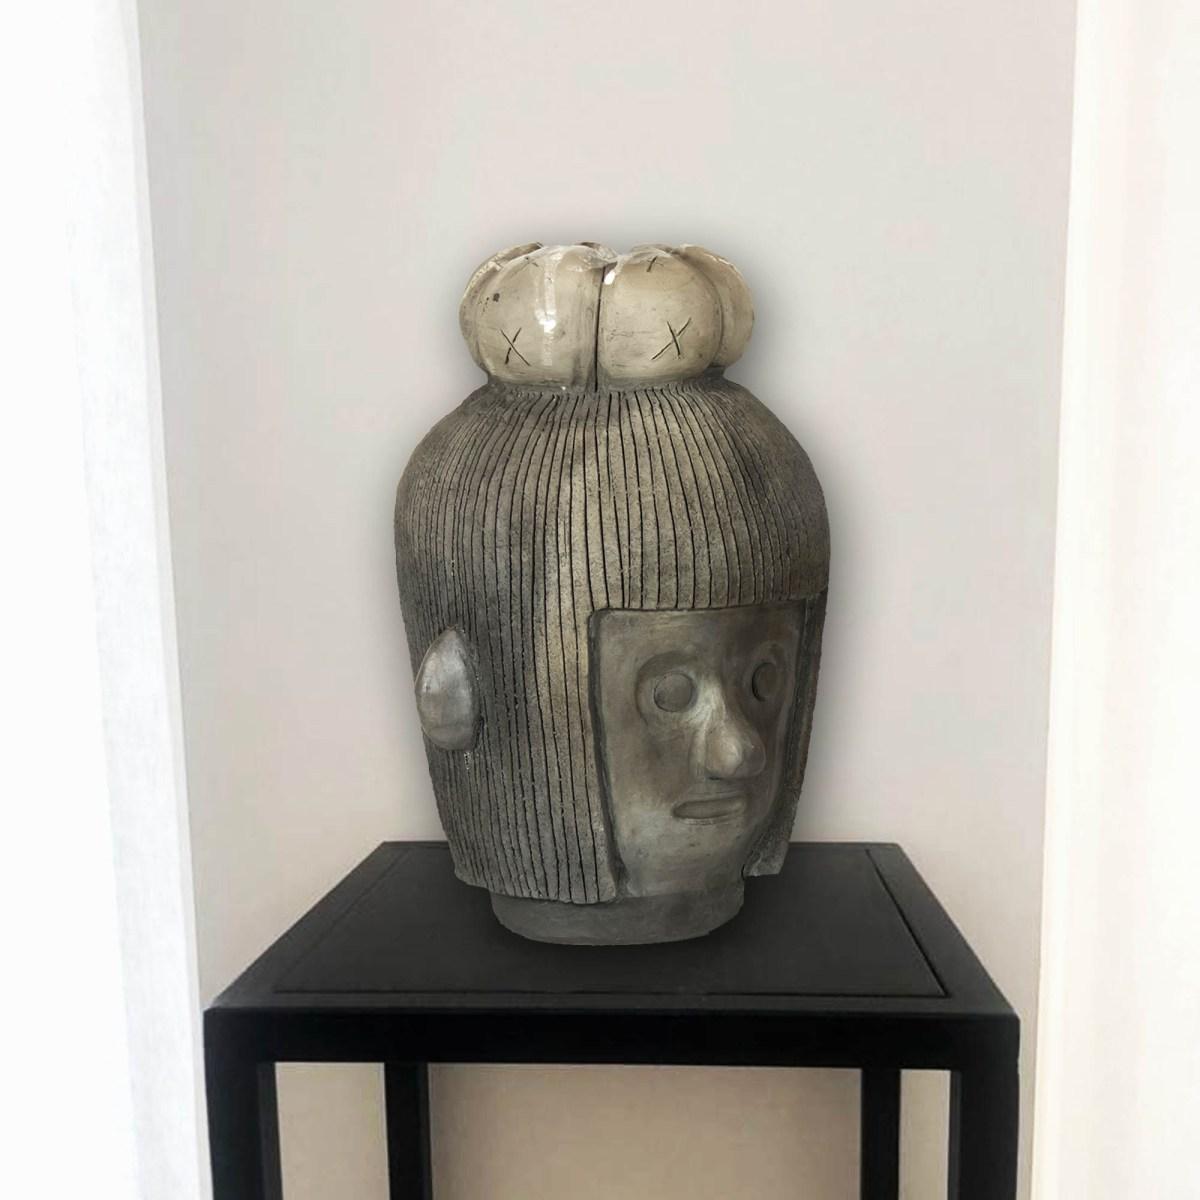 Diego Teo obra sobre base metálica de exhibición